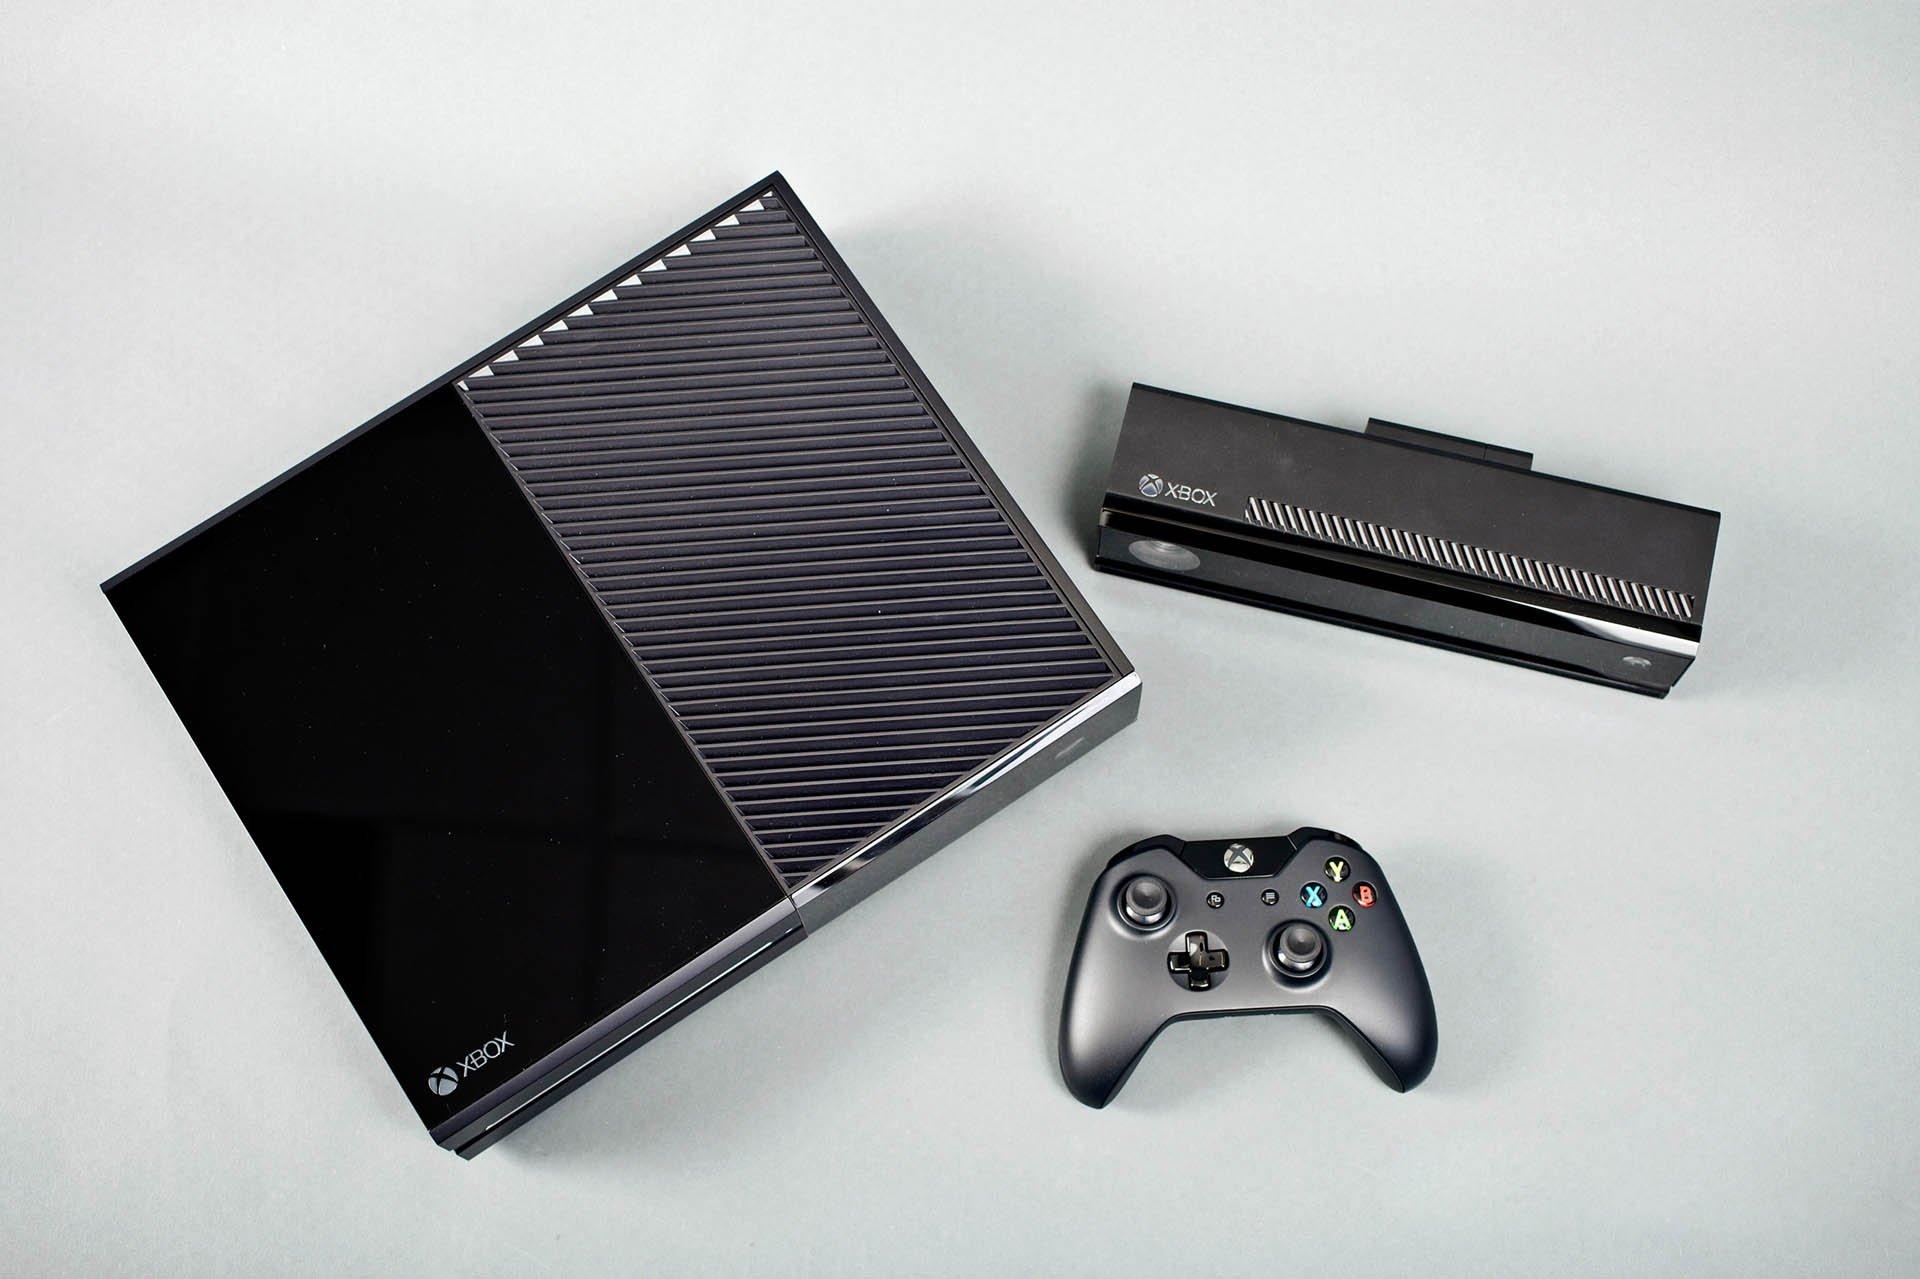 Стала известна официальная цена Xbox One в России - Изображение 1